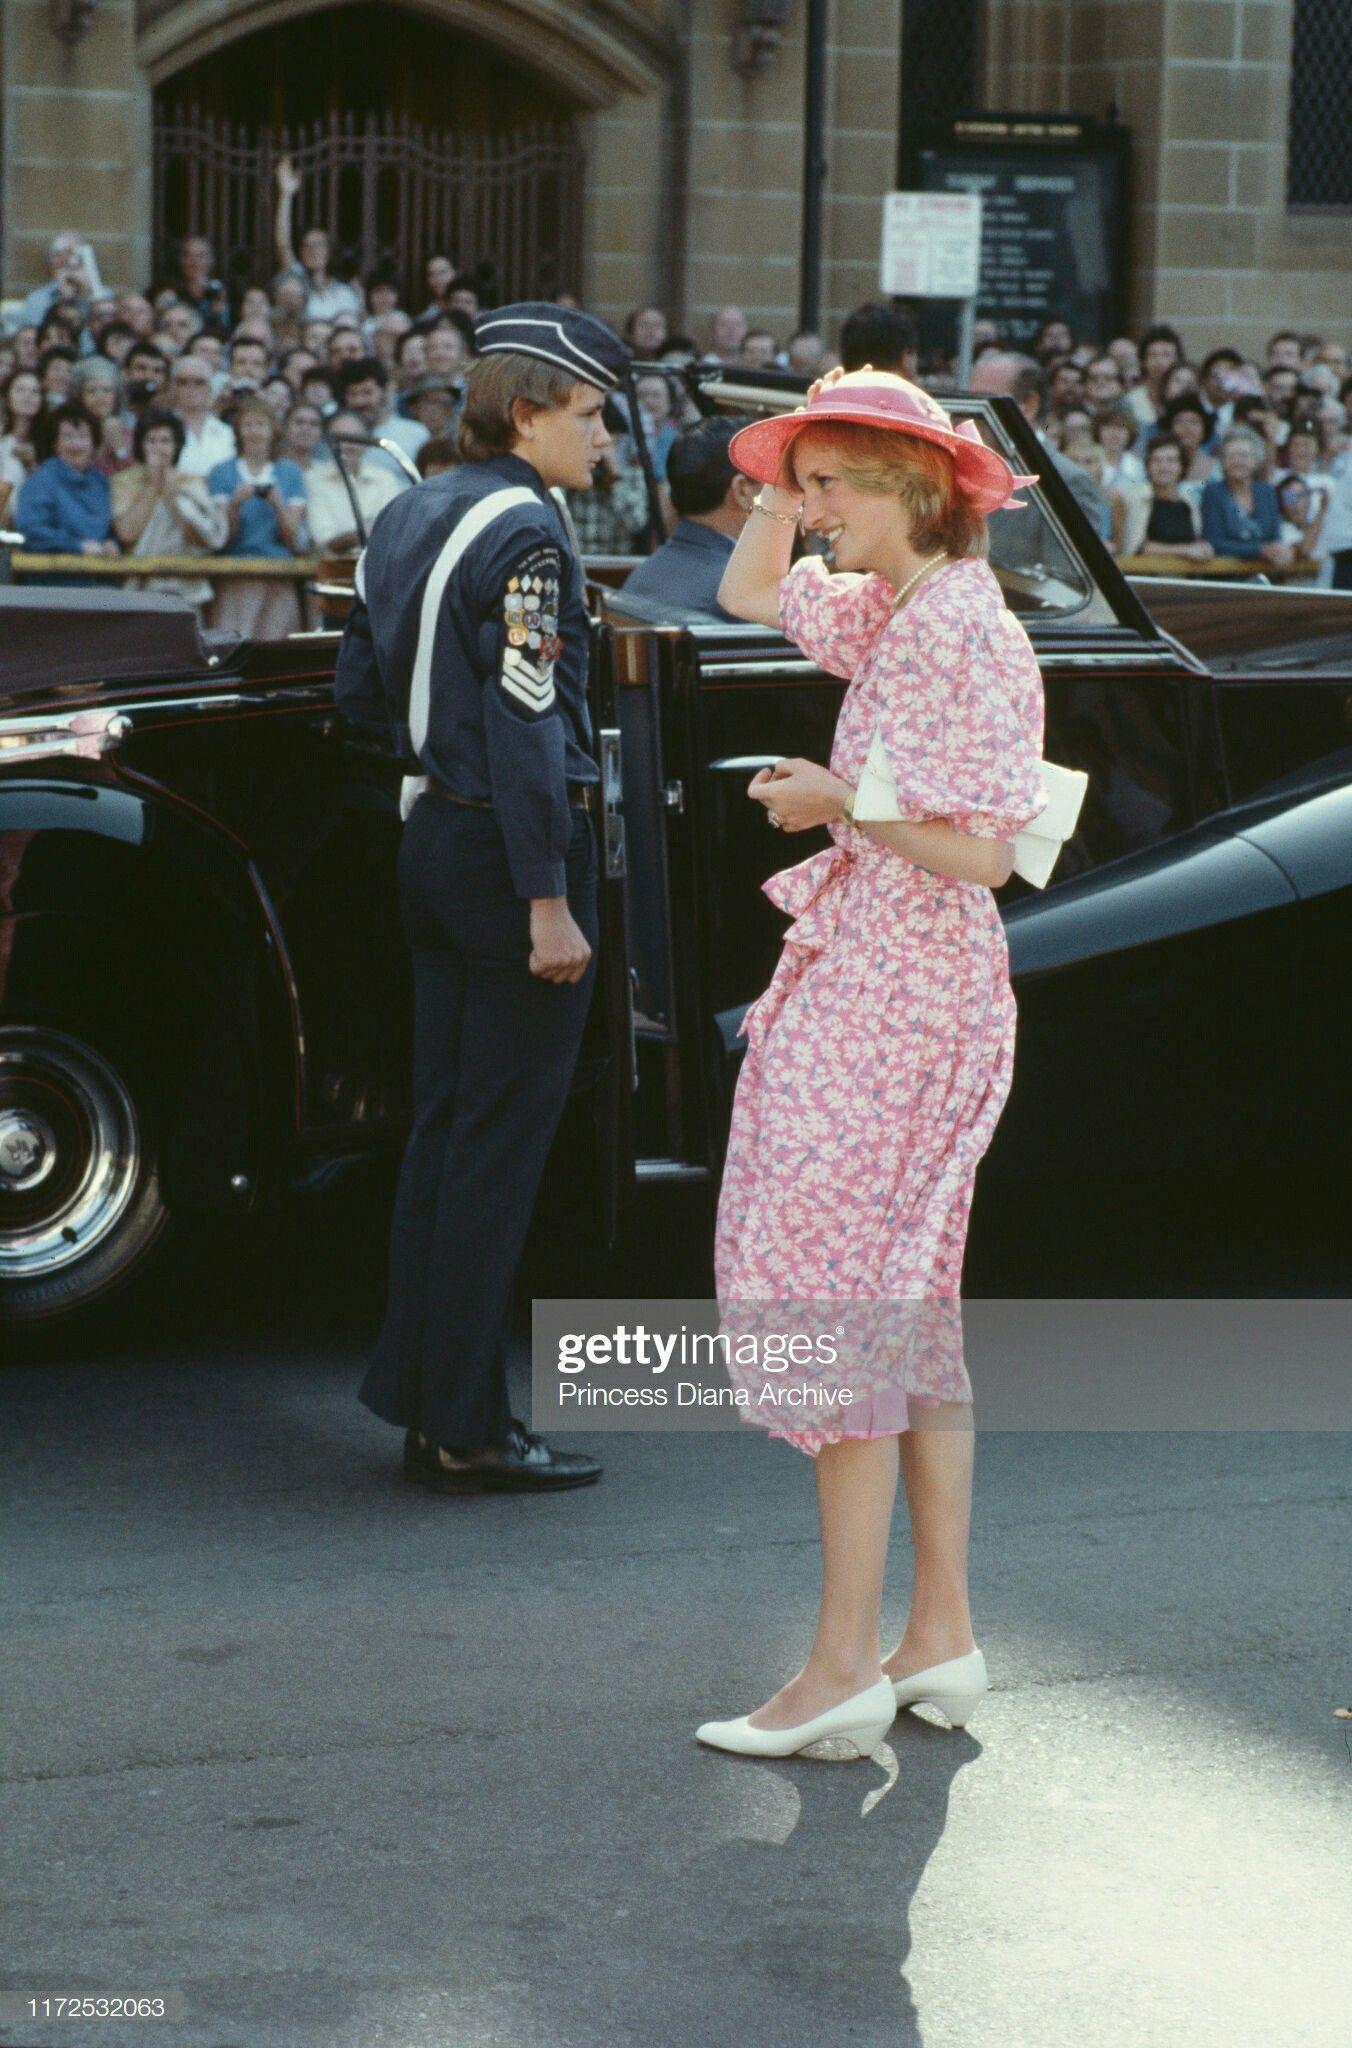 Pin on Princess Diana and Royals